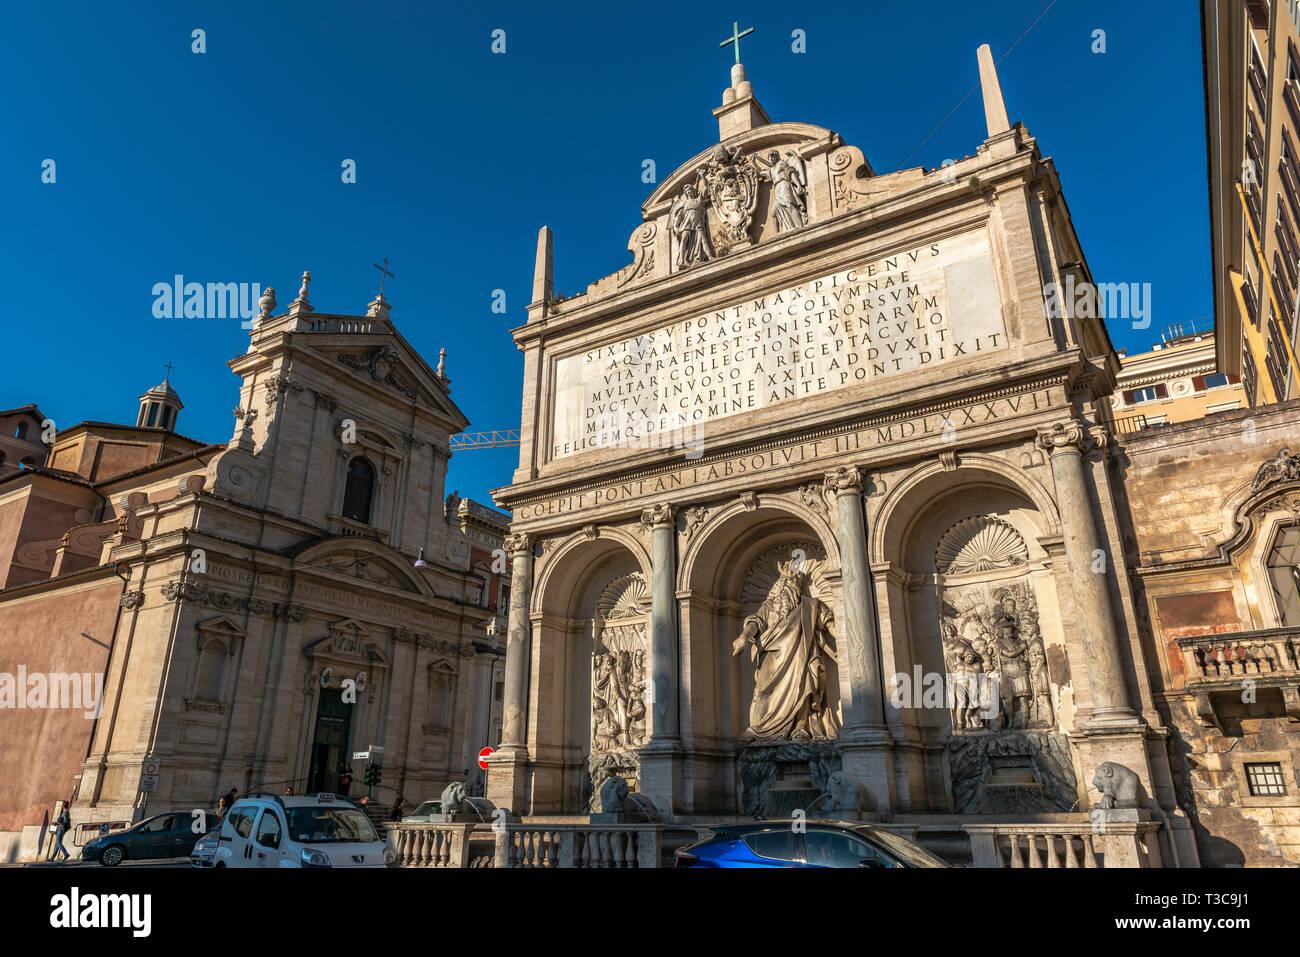 Fontana dell Acqua Felice, Rome, Italy - Stock Image